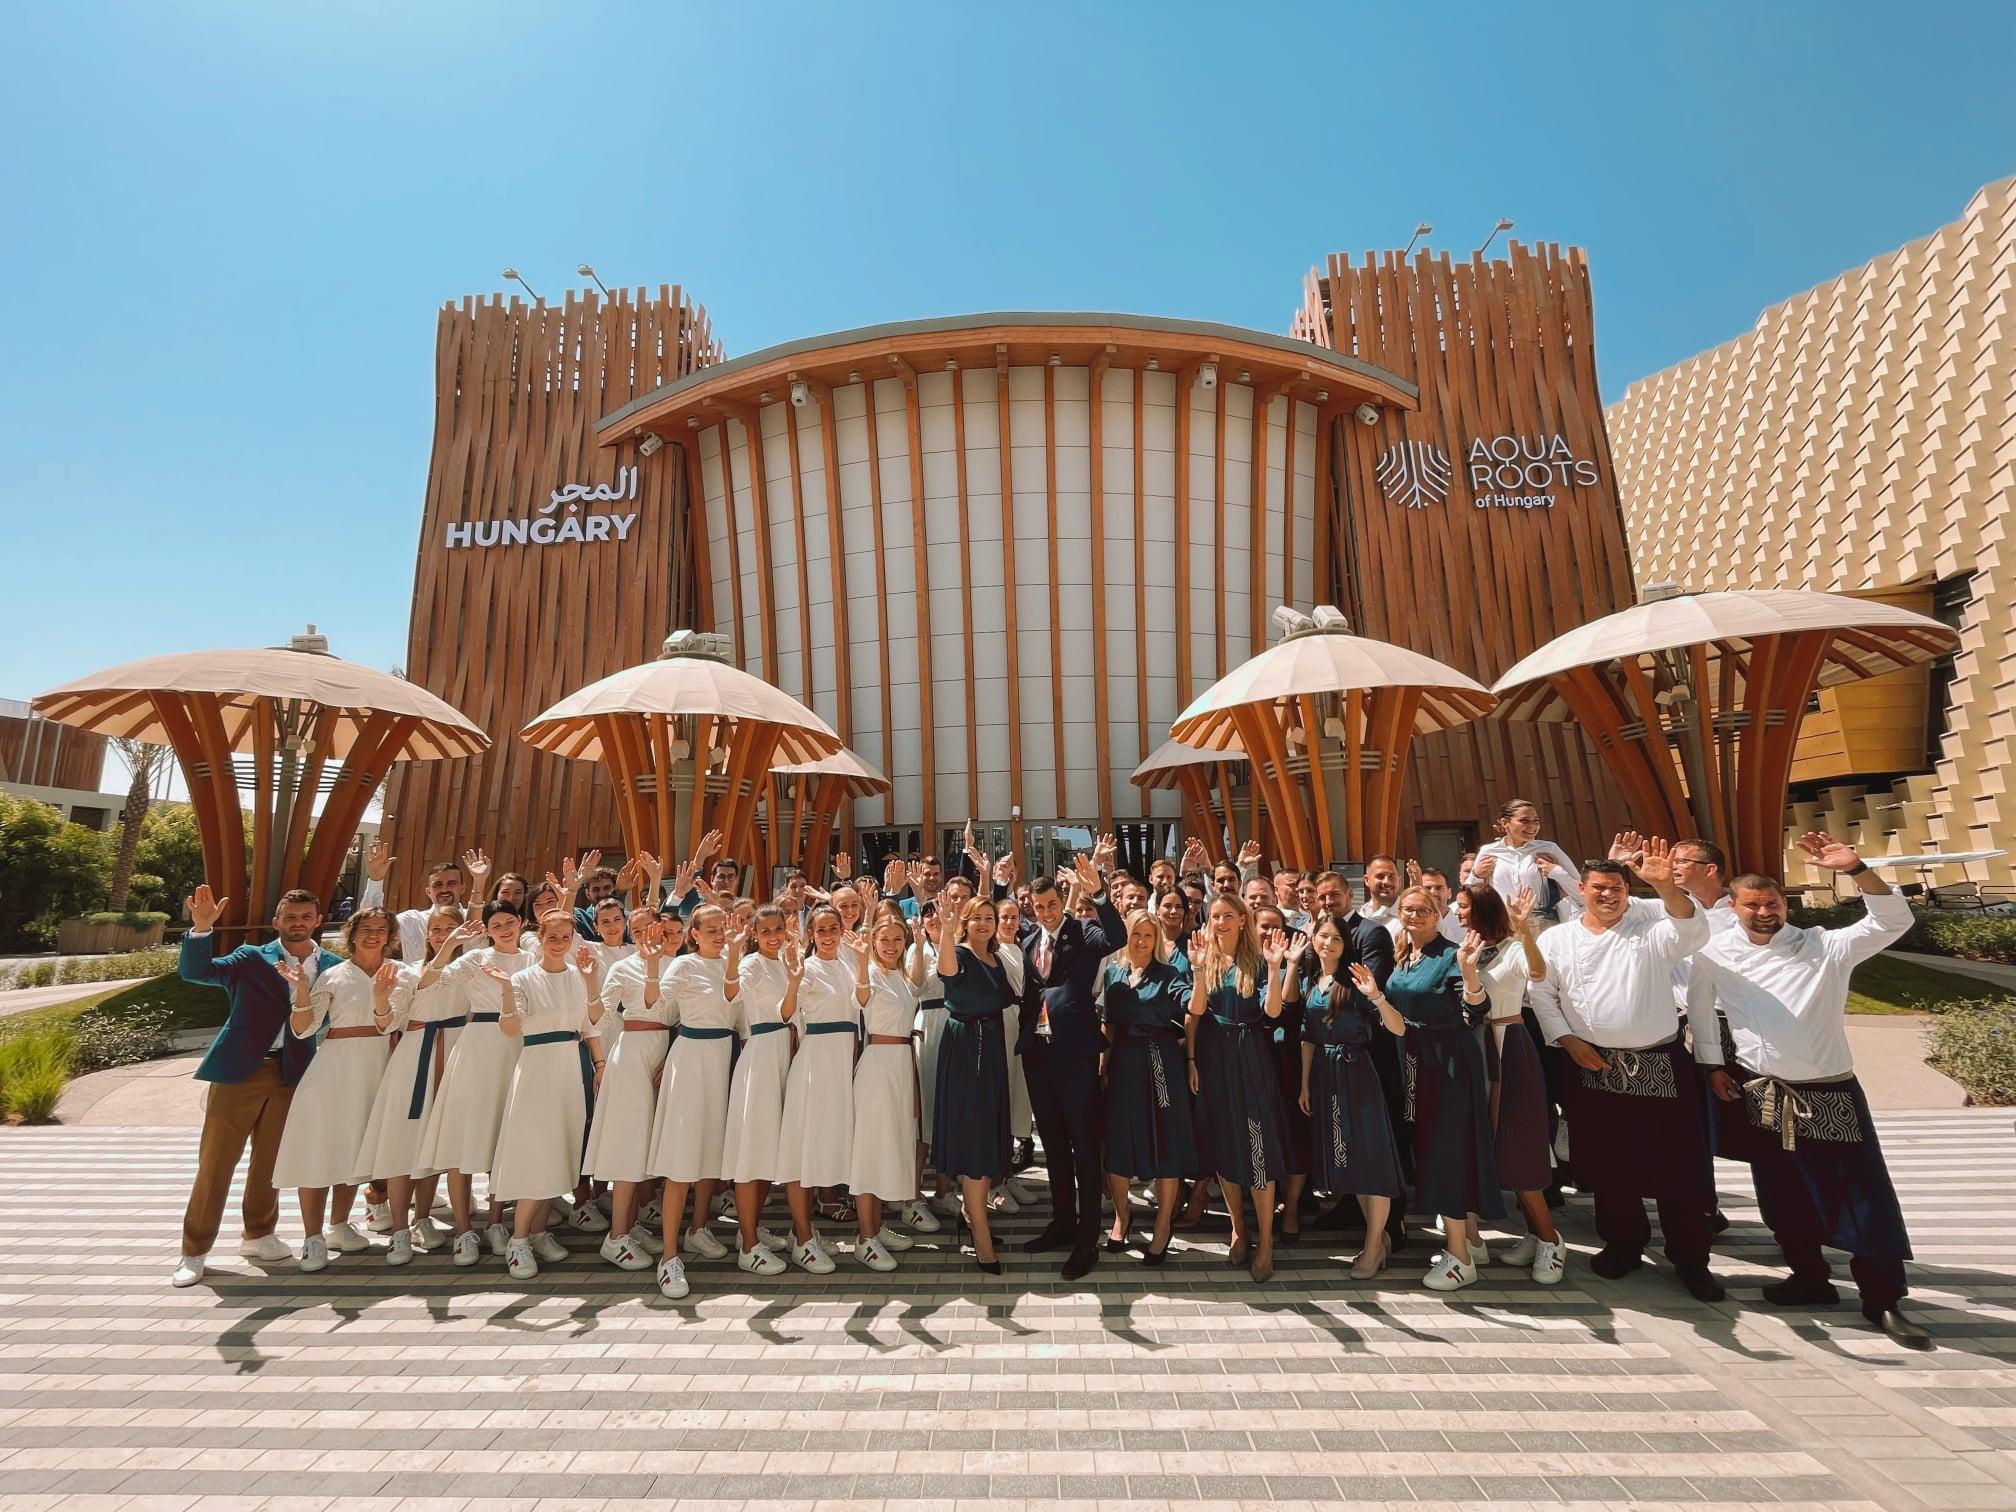 Megnyitott a Dubaji Világkiállítás, elismeréssel díjazták a Magyar Pavilont, ahová 1 millió látogatót várnak